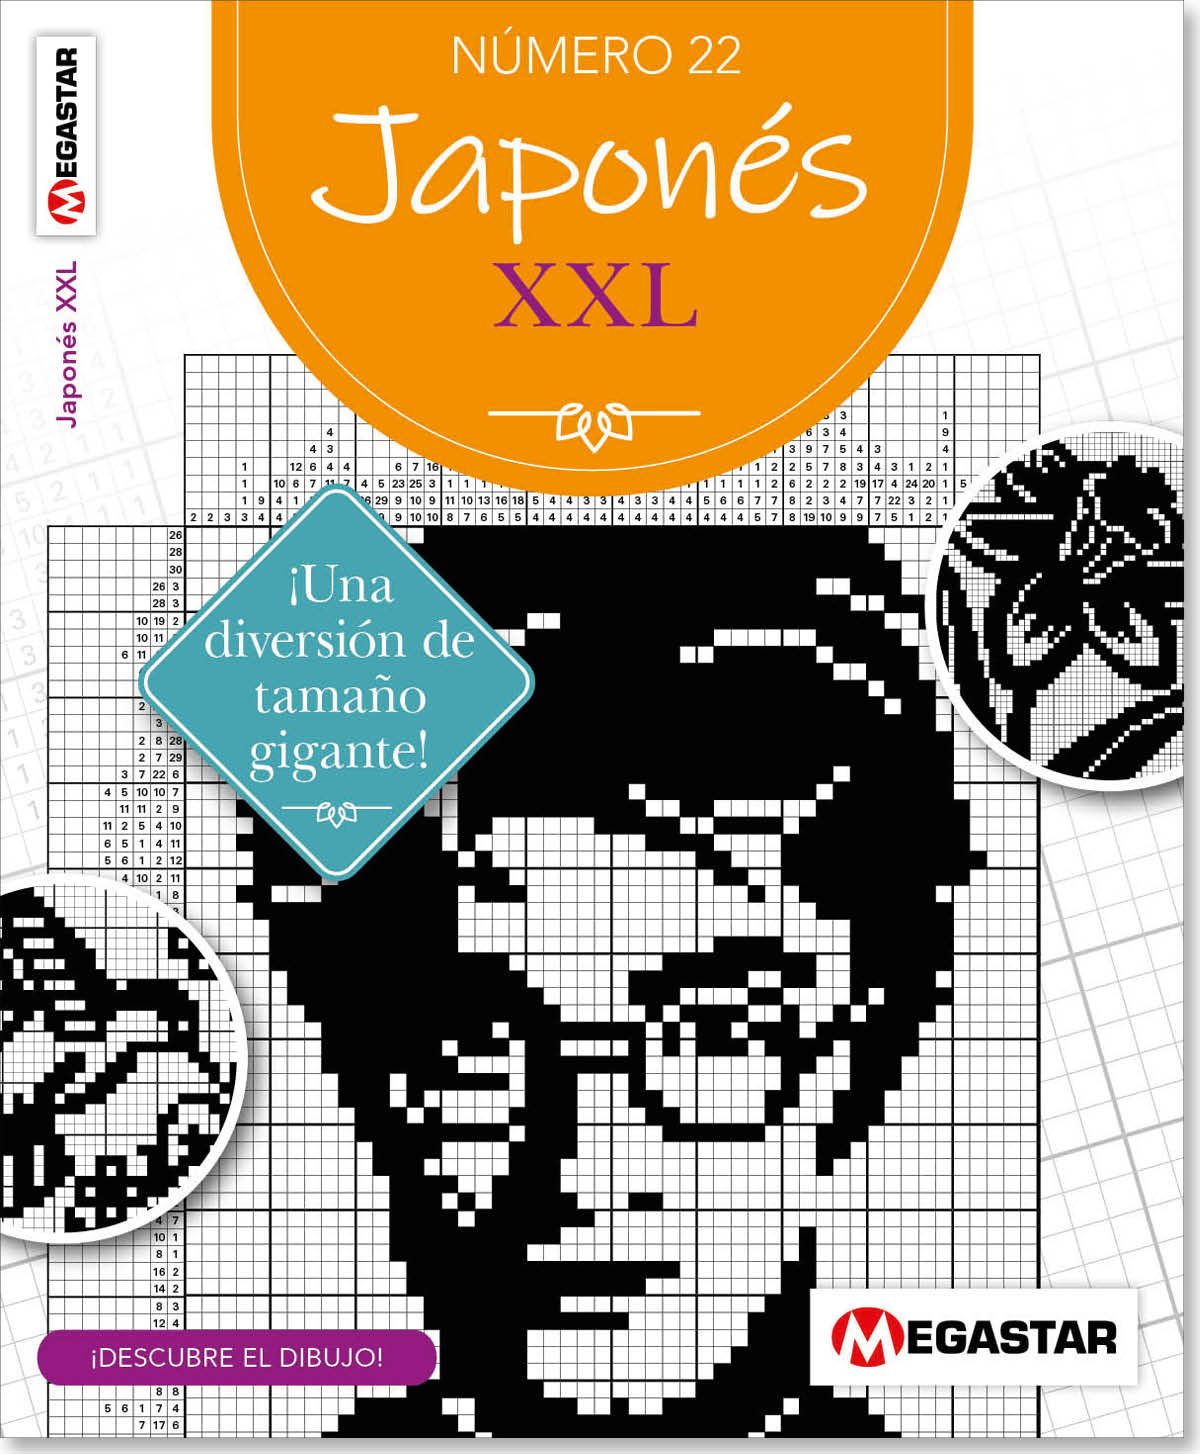 Japonés XXL